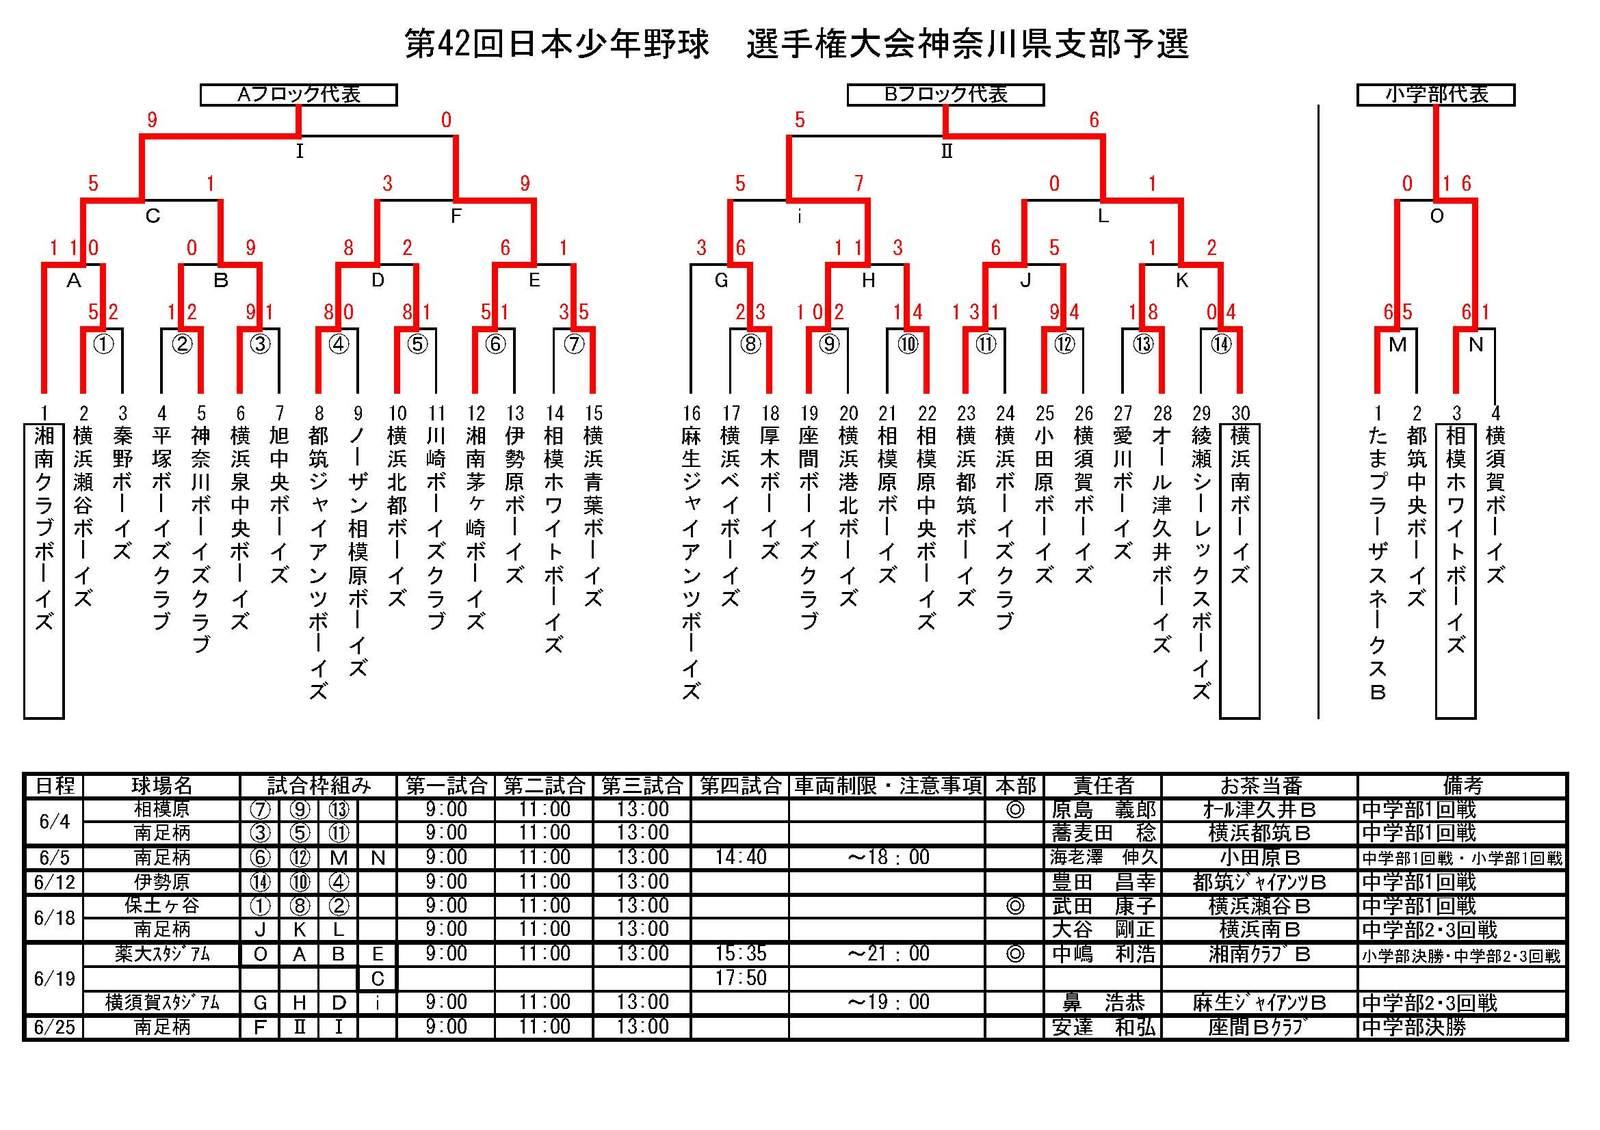 20110626_42th_senshukenyosen_result